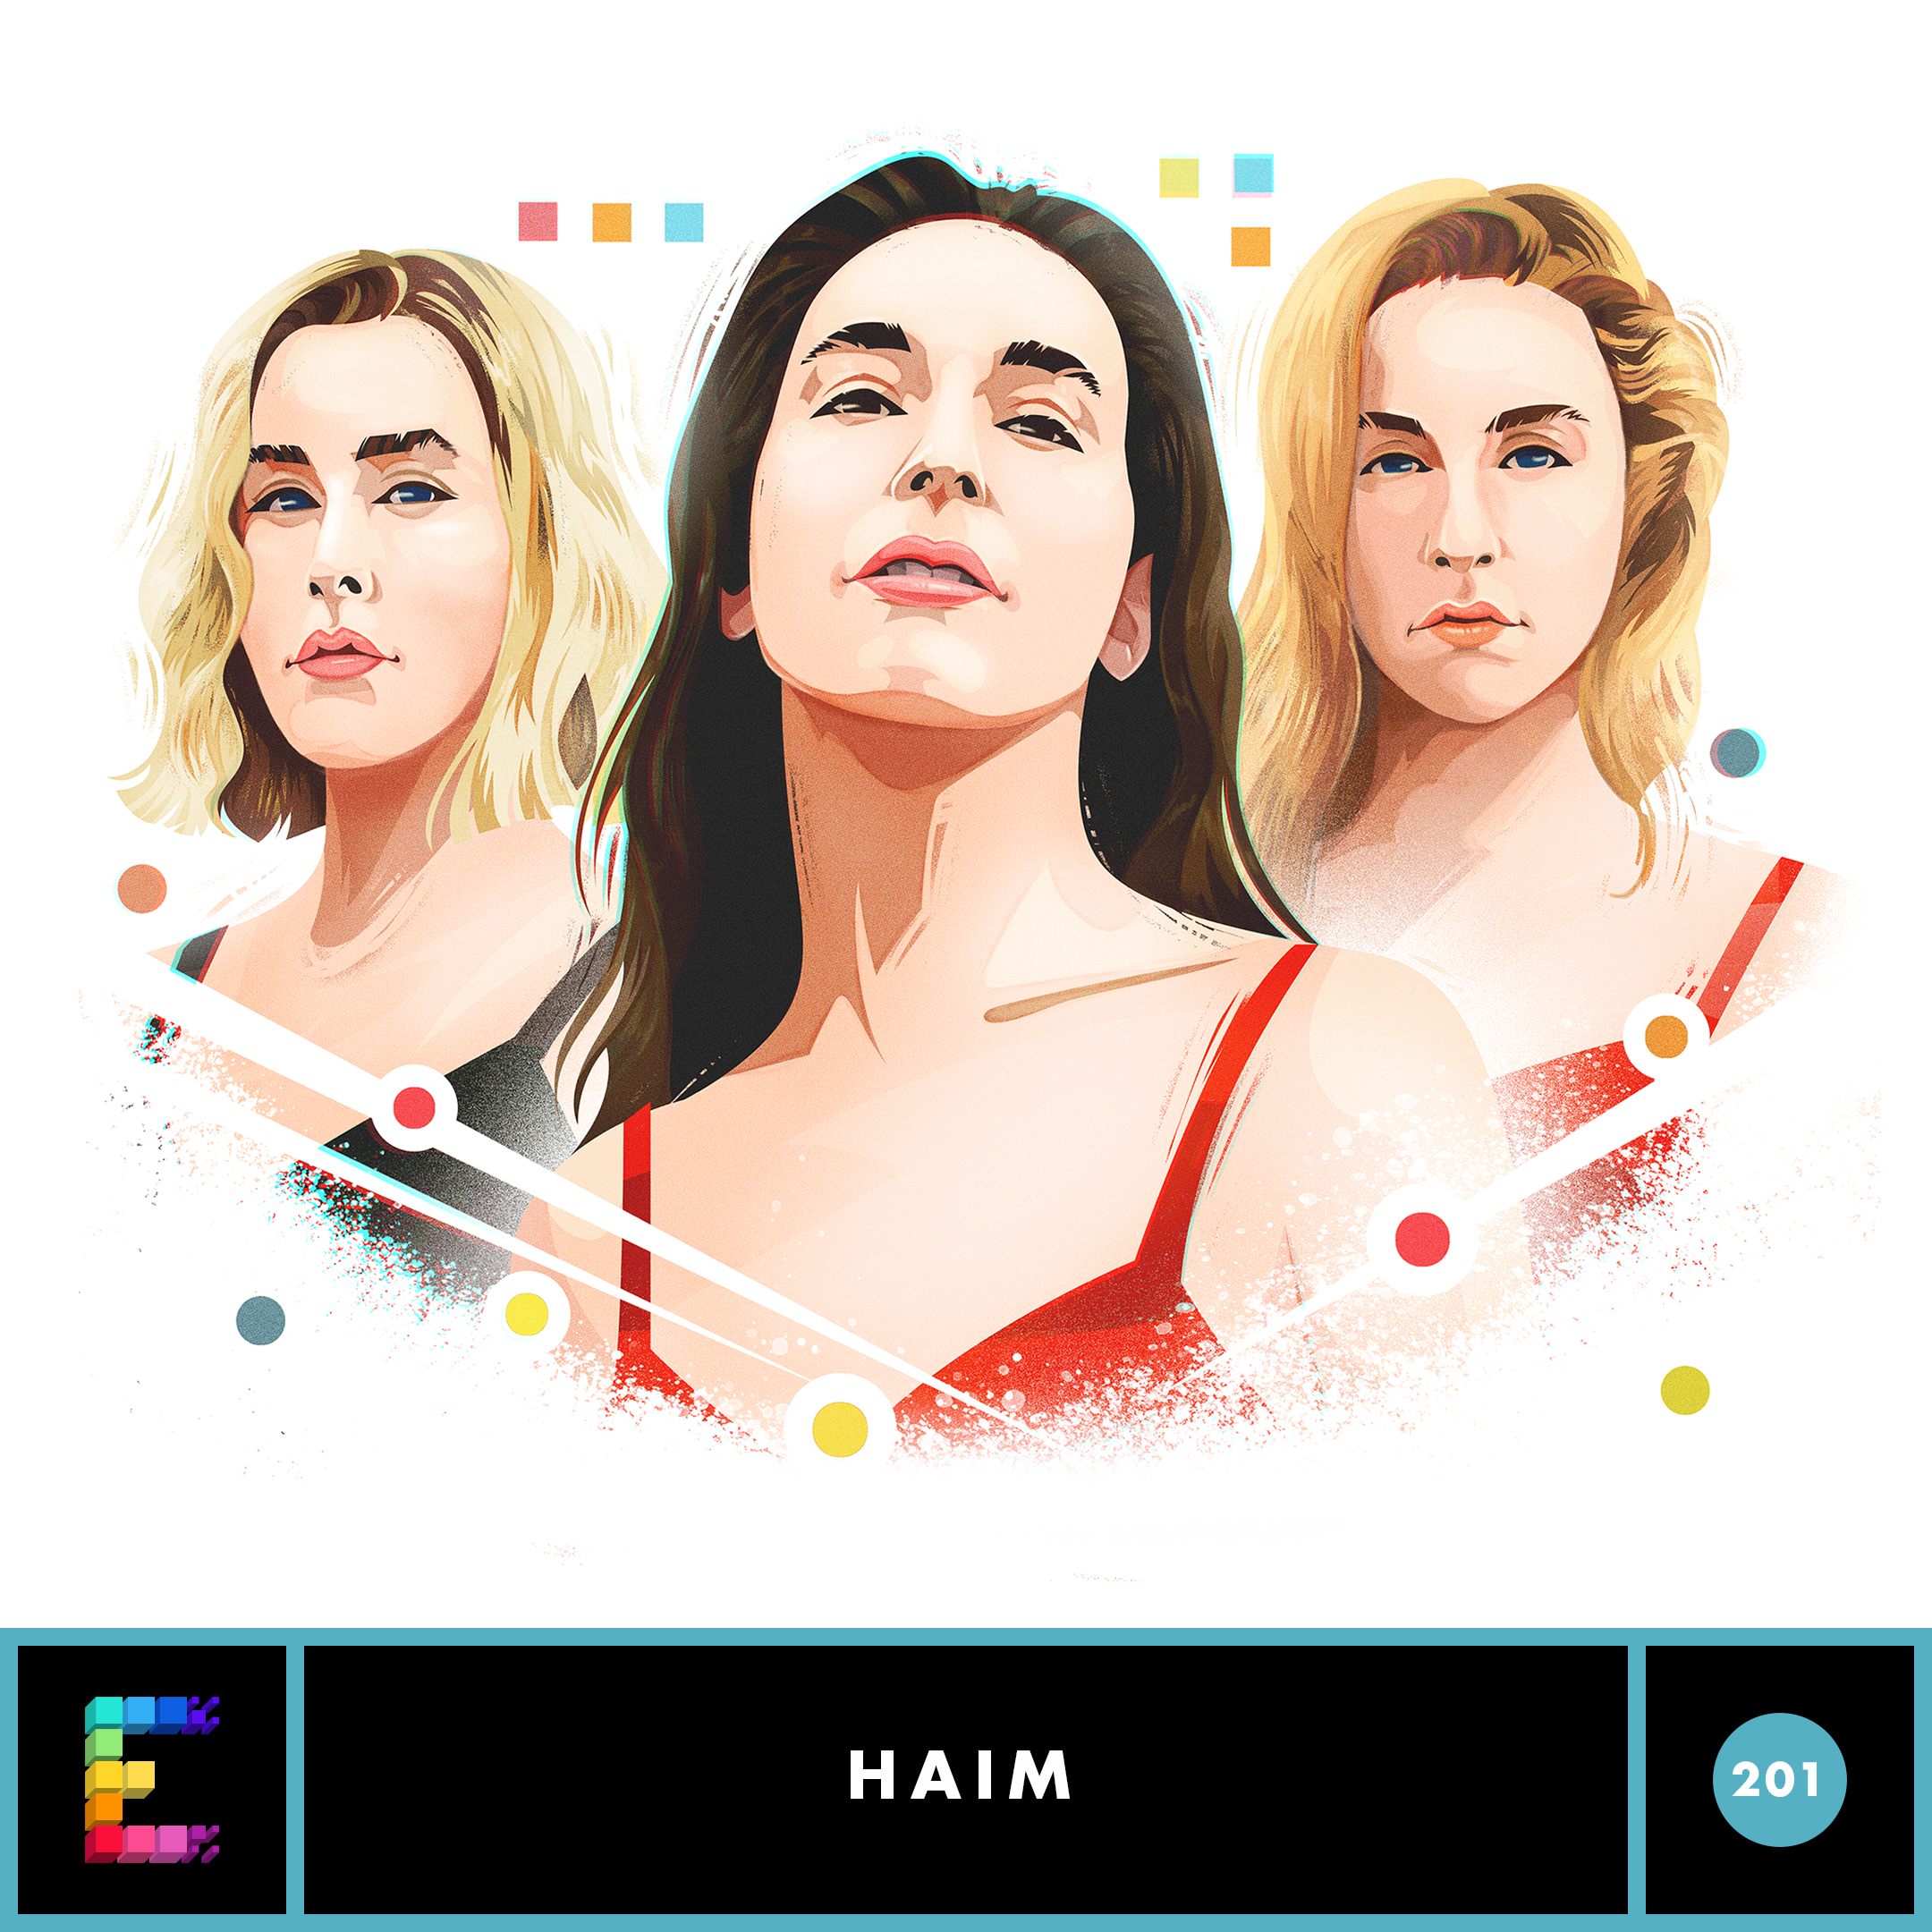 HAIM - Summer Girl